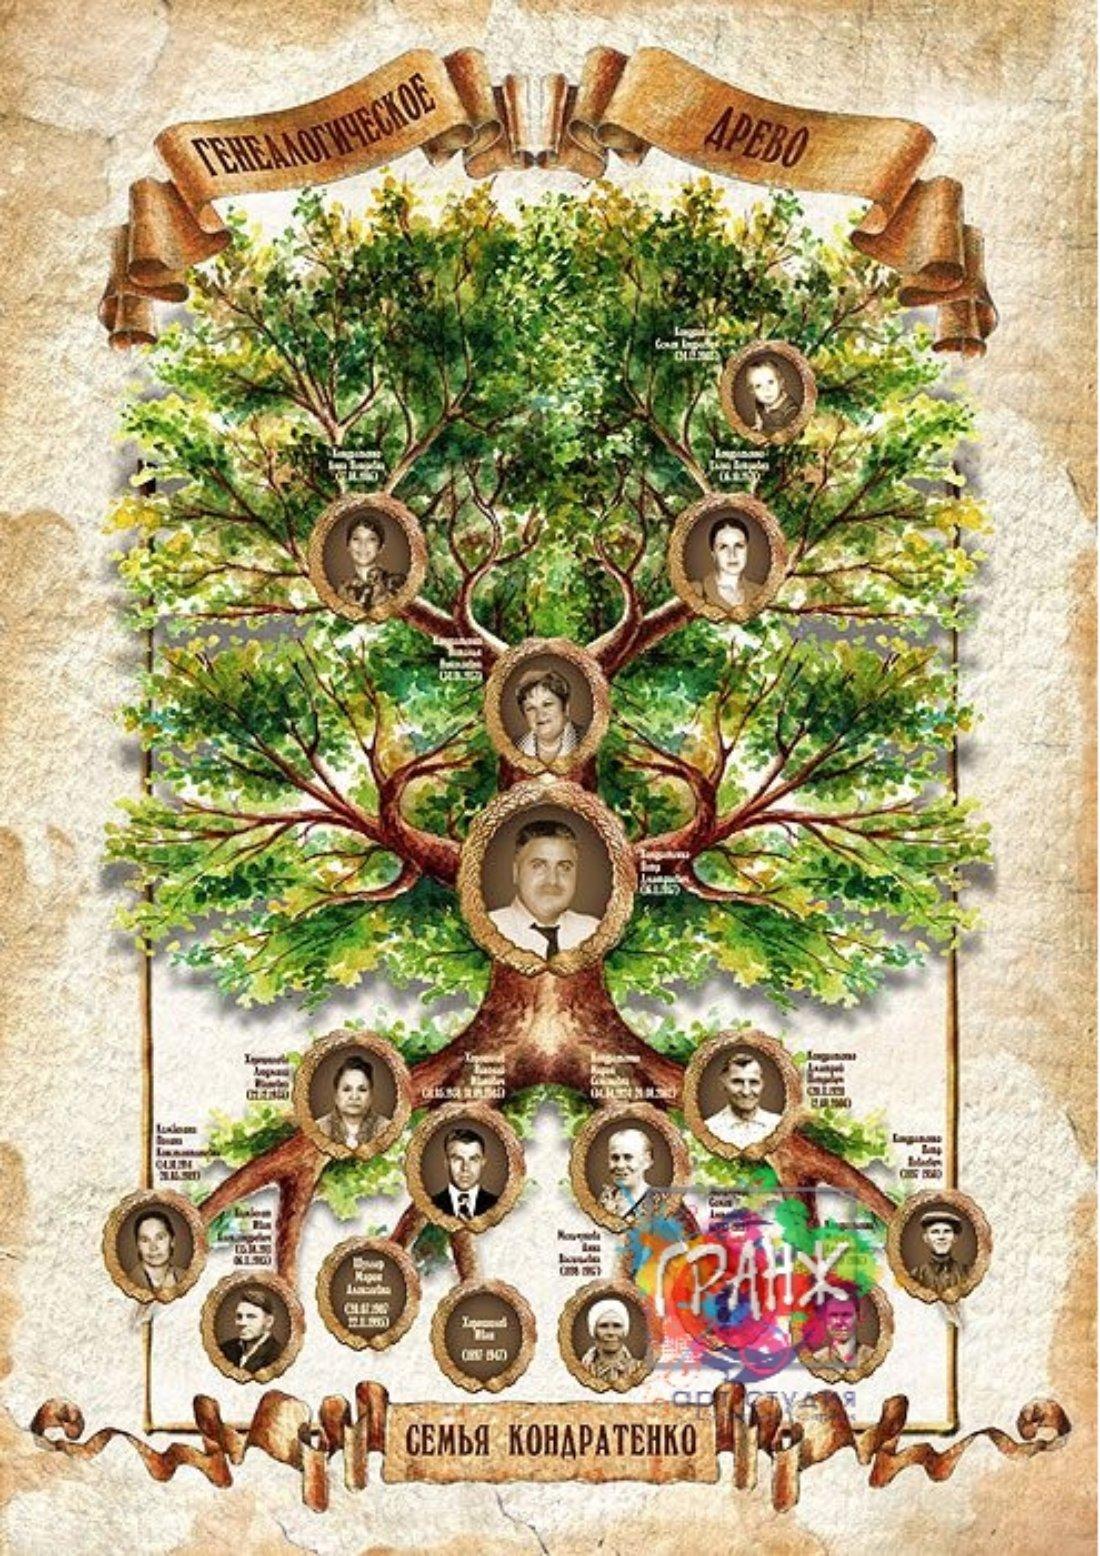 генеалогическое древо семьи